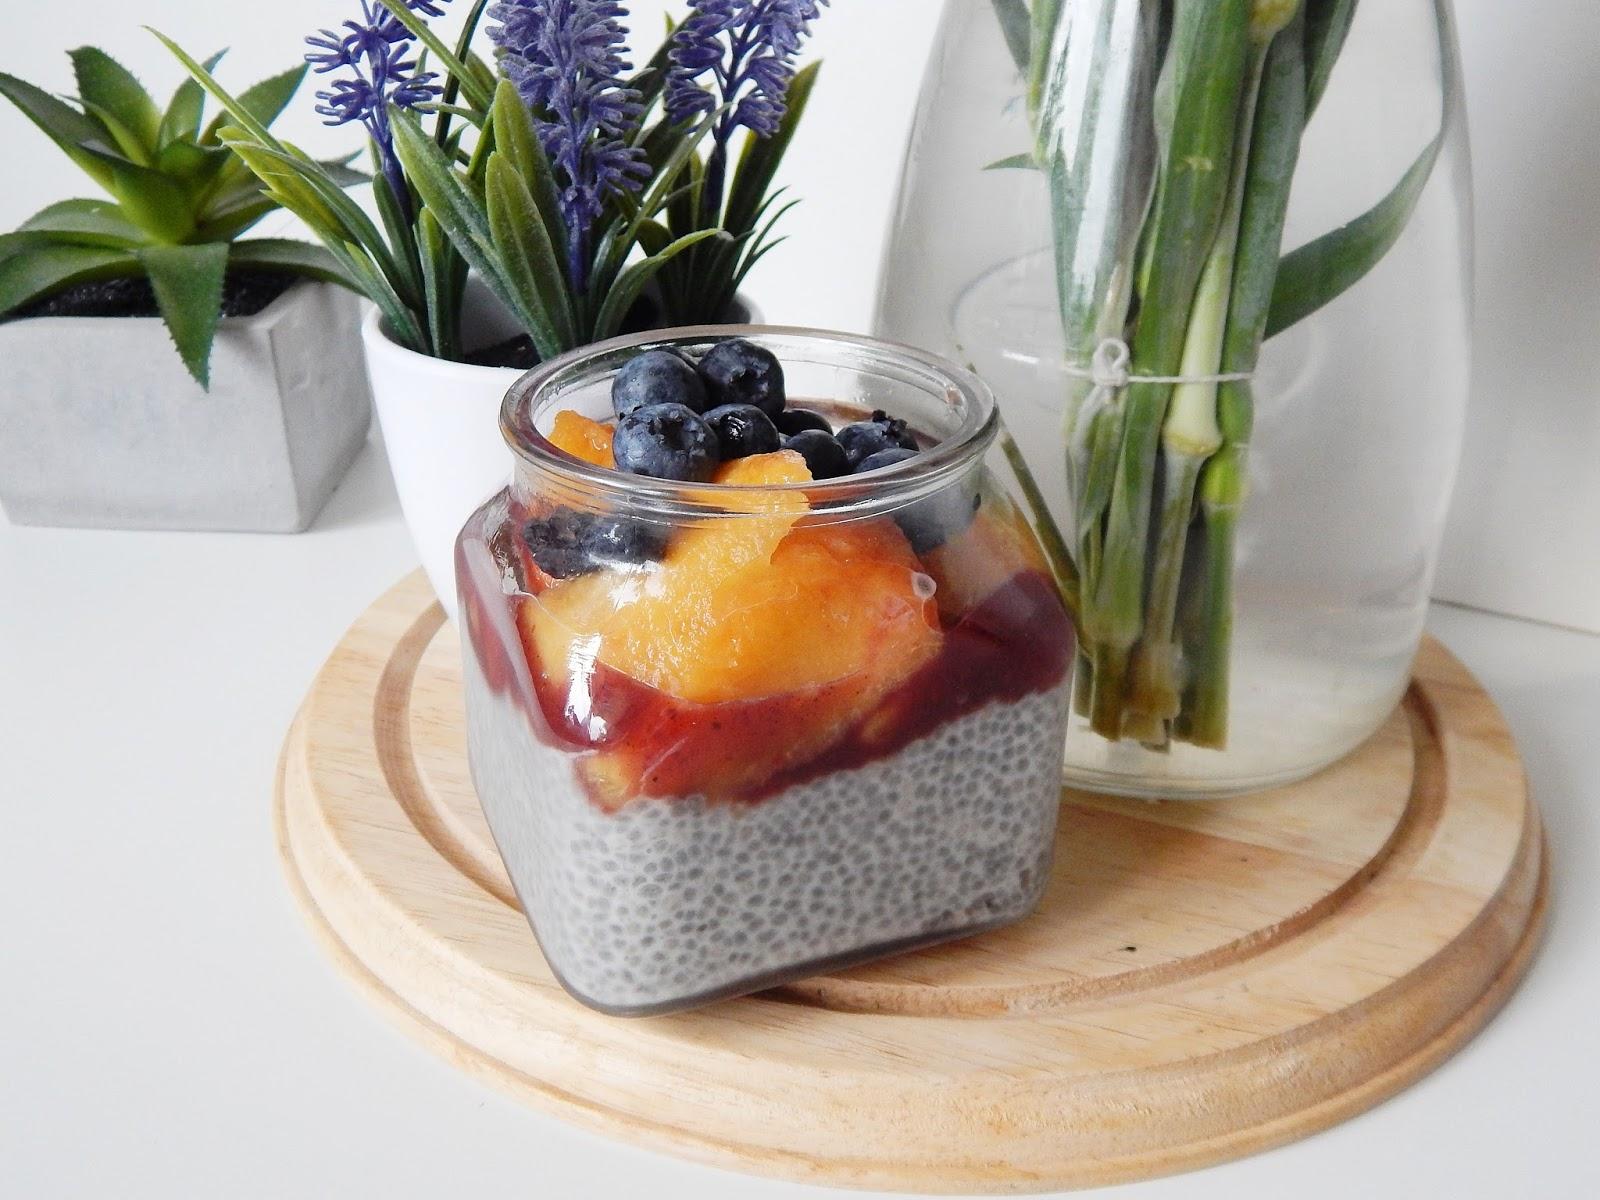 szybkie śniadanie - pudding chia